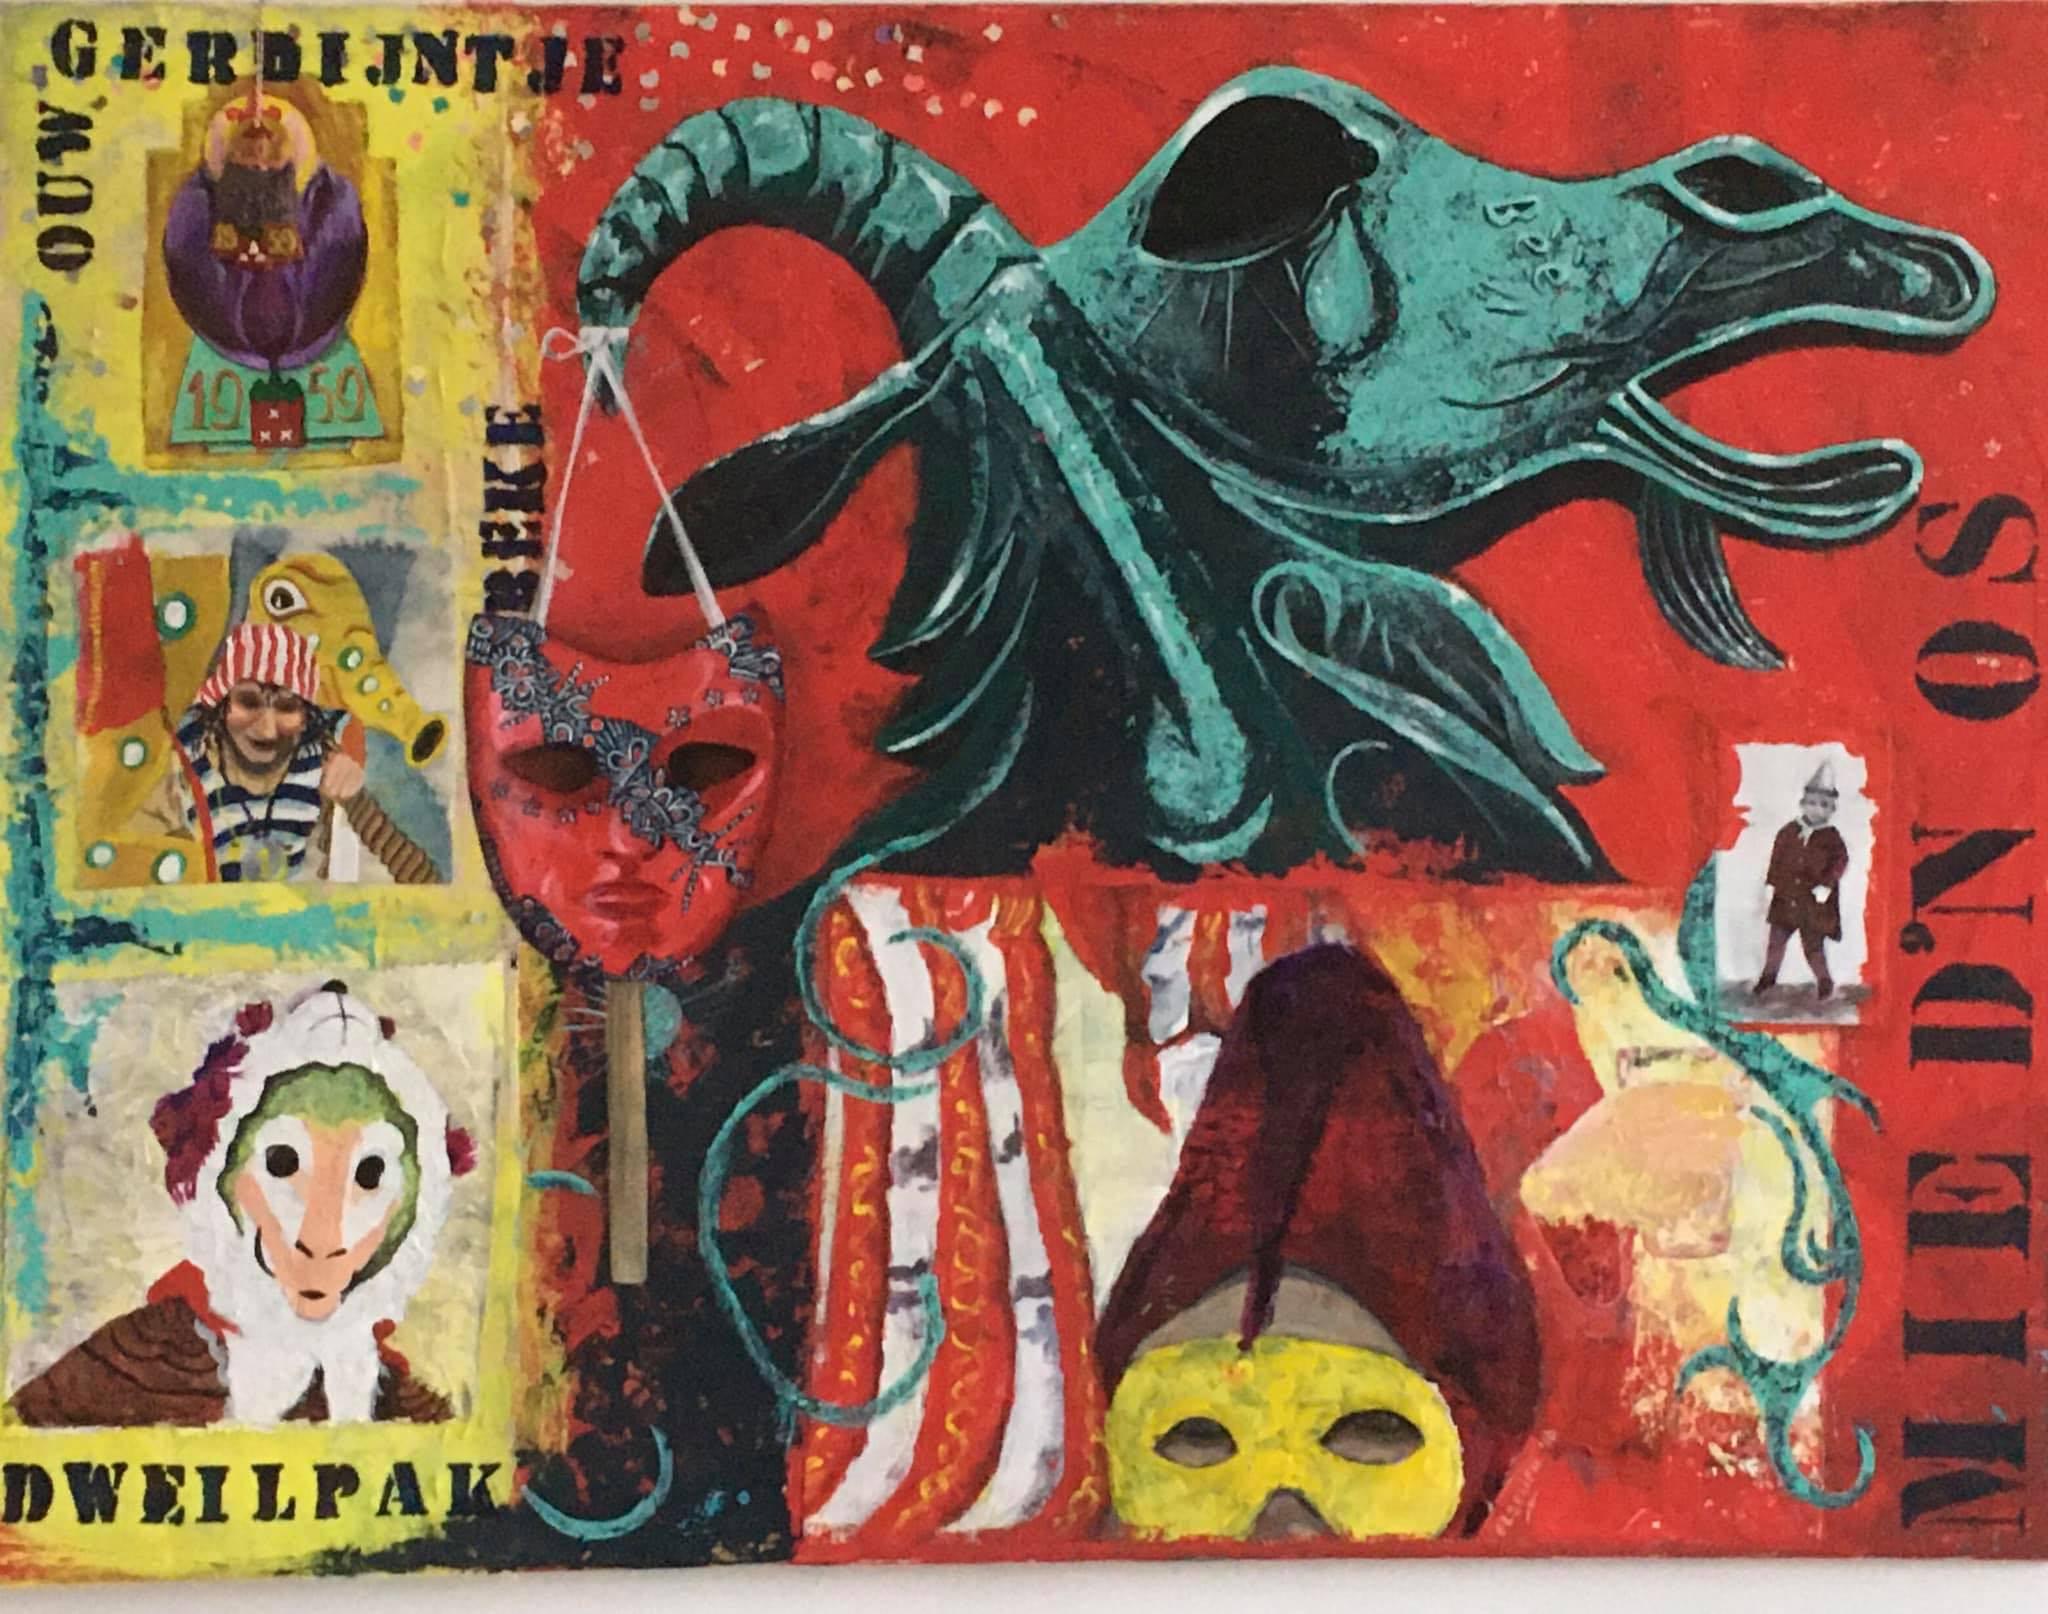 Elseline Withagen speurtocht kunst schilderij schilderijen kunstwerk geit geitje